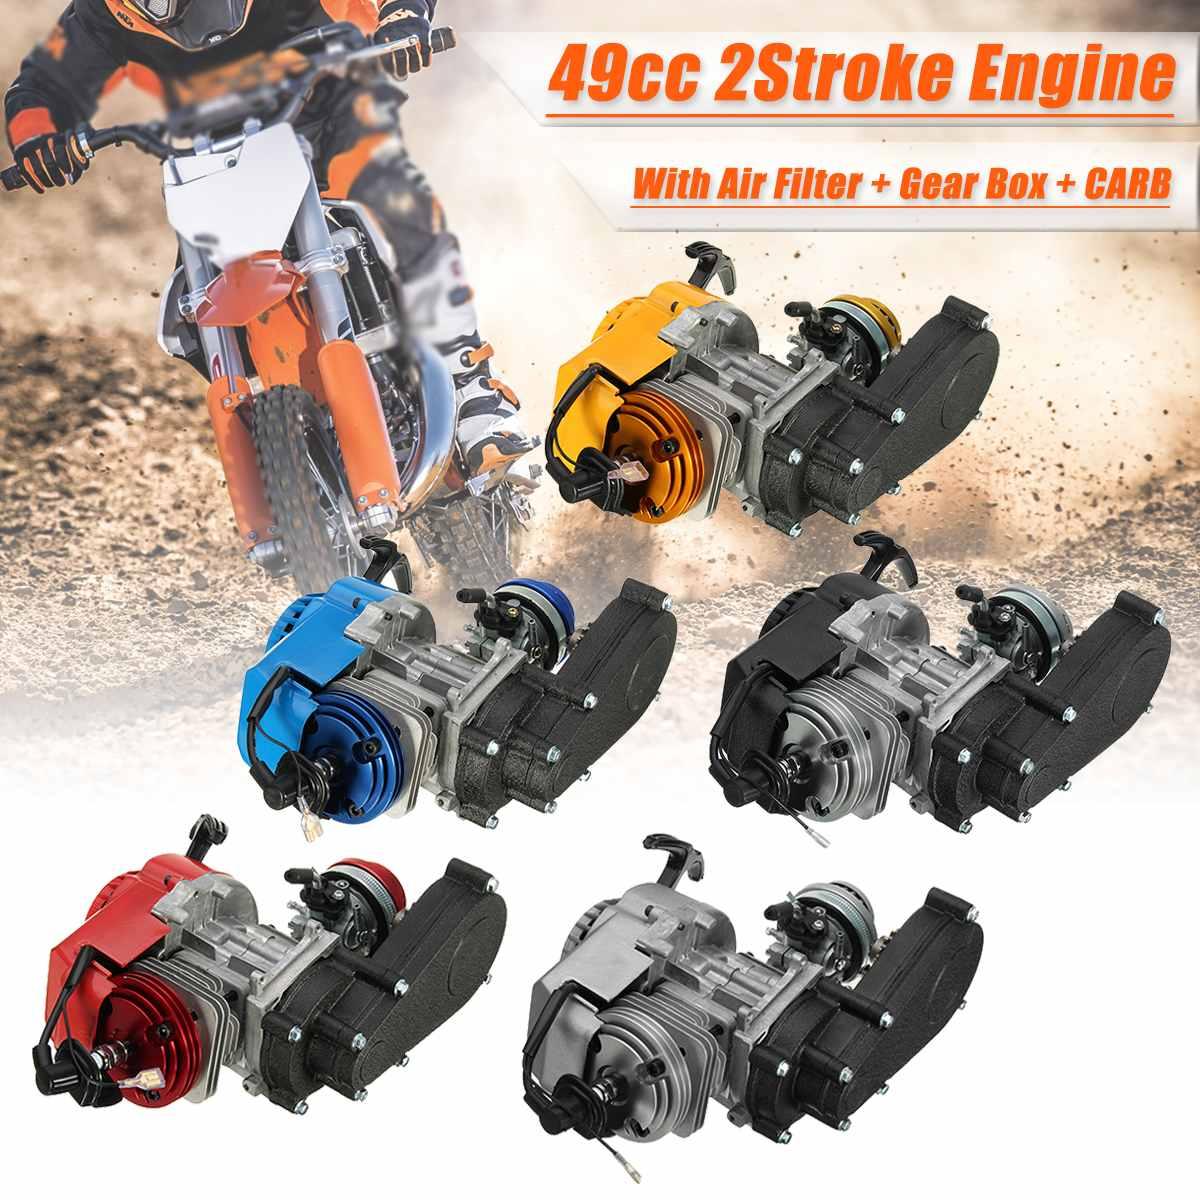 2 temps moteur moteur avec Transmission carburateur filtre à air boîte de vitesses 49CC Mini Dirt Bike ATV Quad bleu jaune noir rouge argent